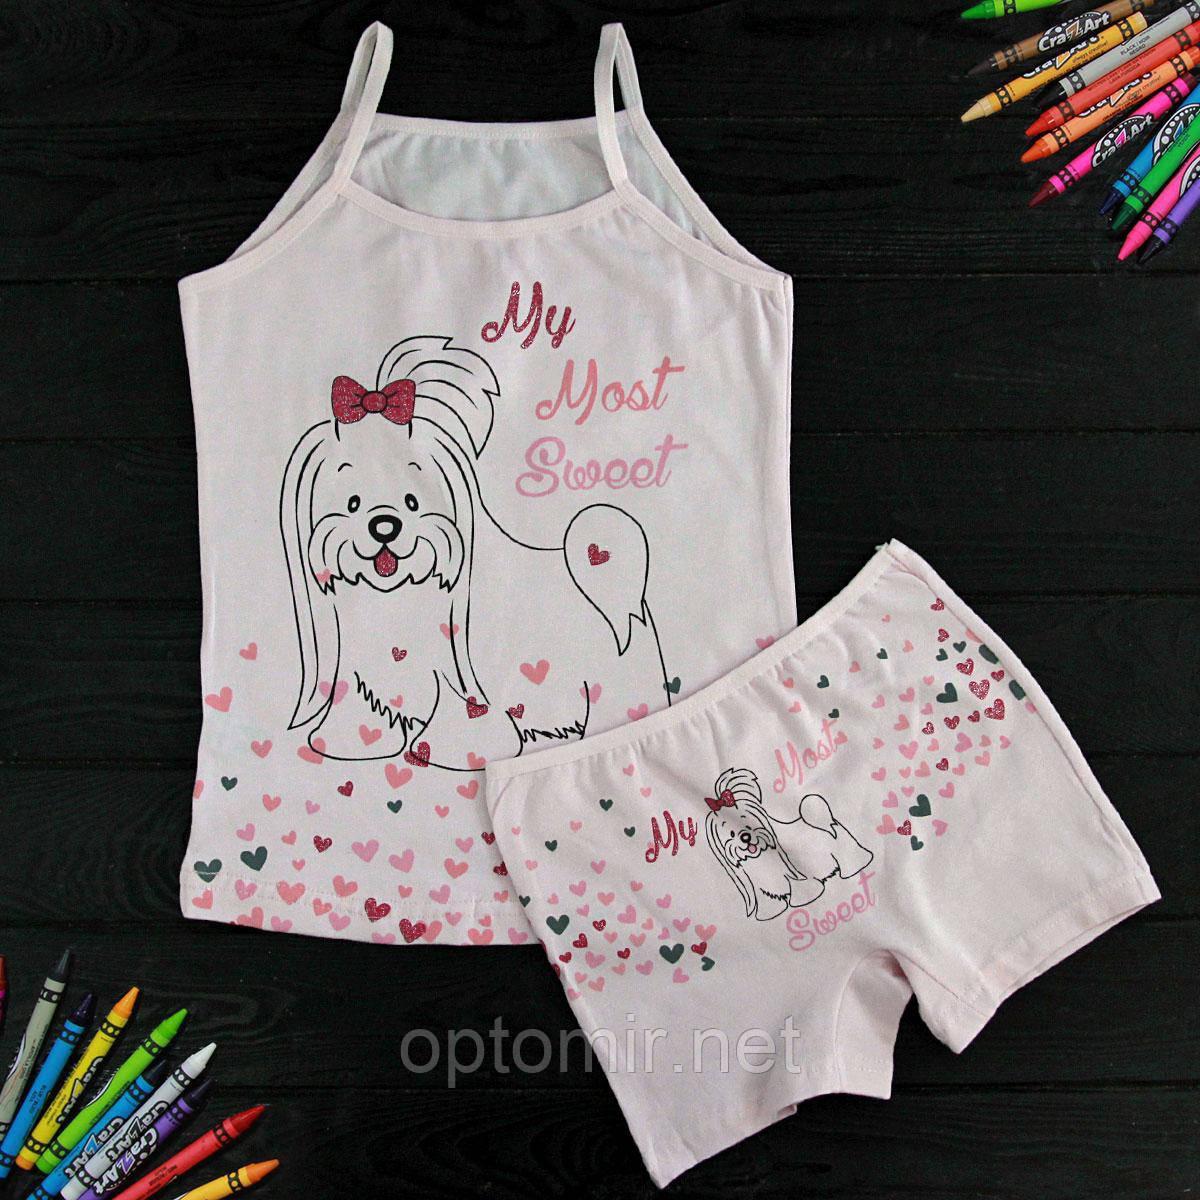 Комплект детский Donella с собачкой розовый для девочки на 6/7 лет (шортики) | 1 шт.